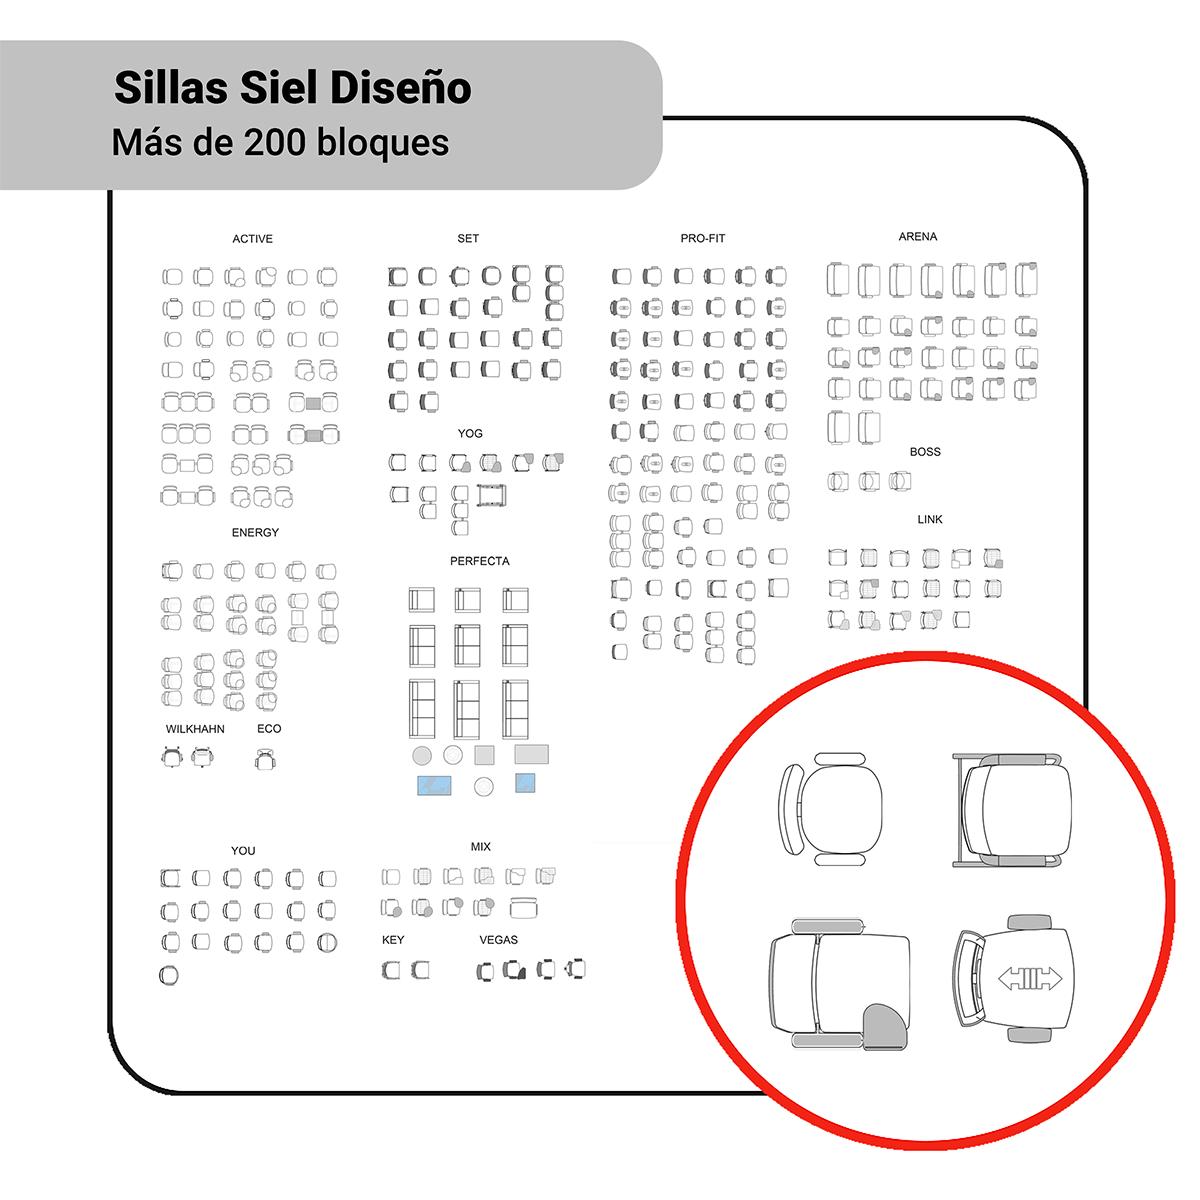 Colección: Sillas / Siel Diseño